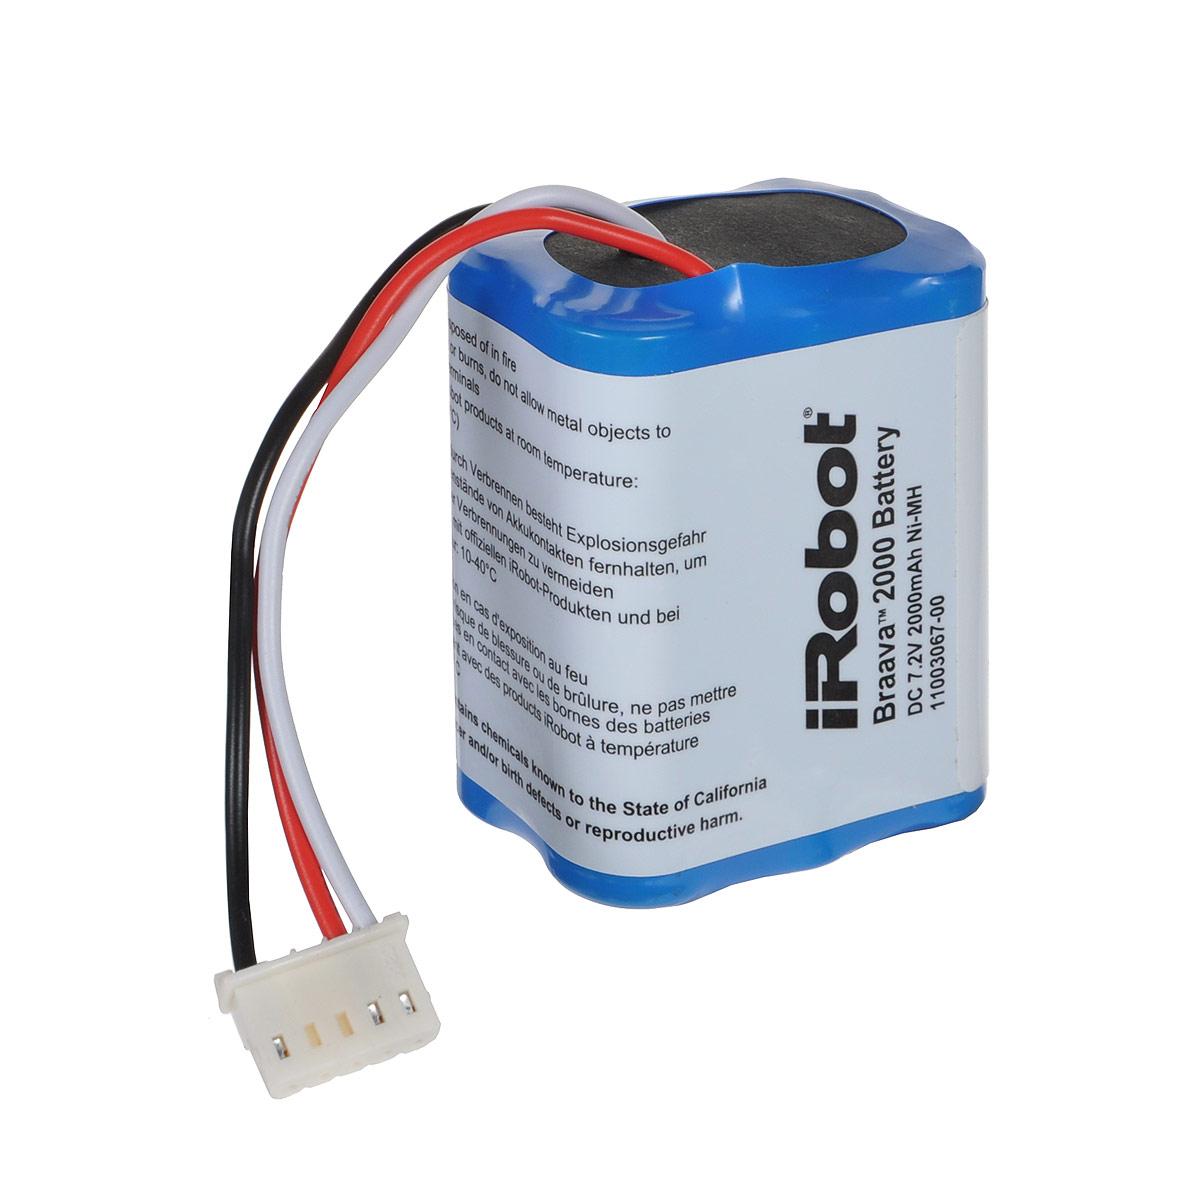 iRobot аккумуляторная батарея NIMH для Braava 3804409709Аккумуляторная батарея iRobot для робота-пылесоса Braava 380. Выполнена из качественных материалов, обладает высокой емкостью.